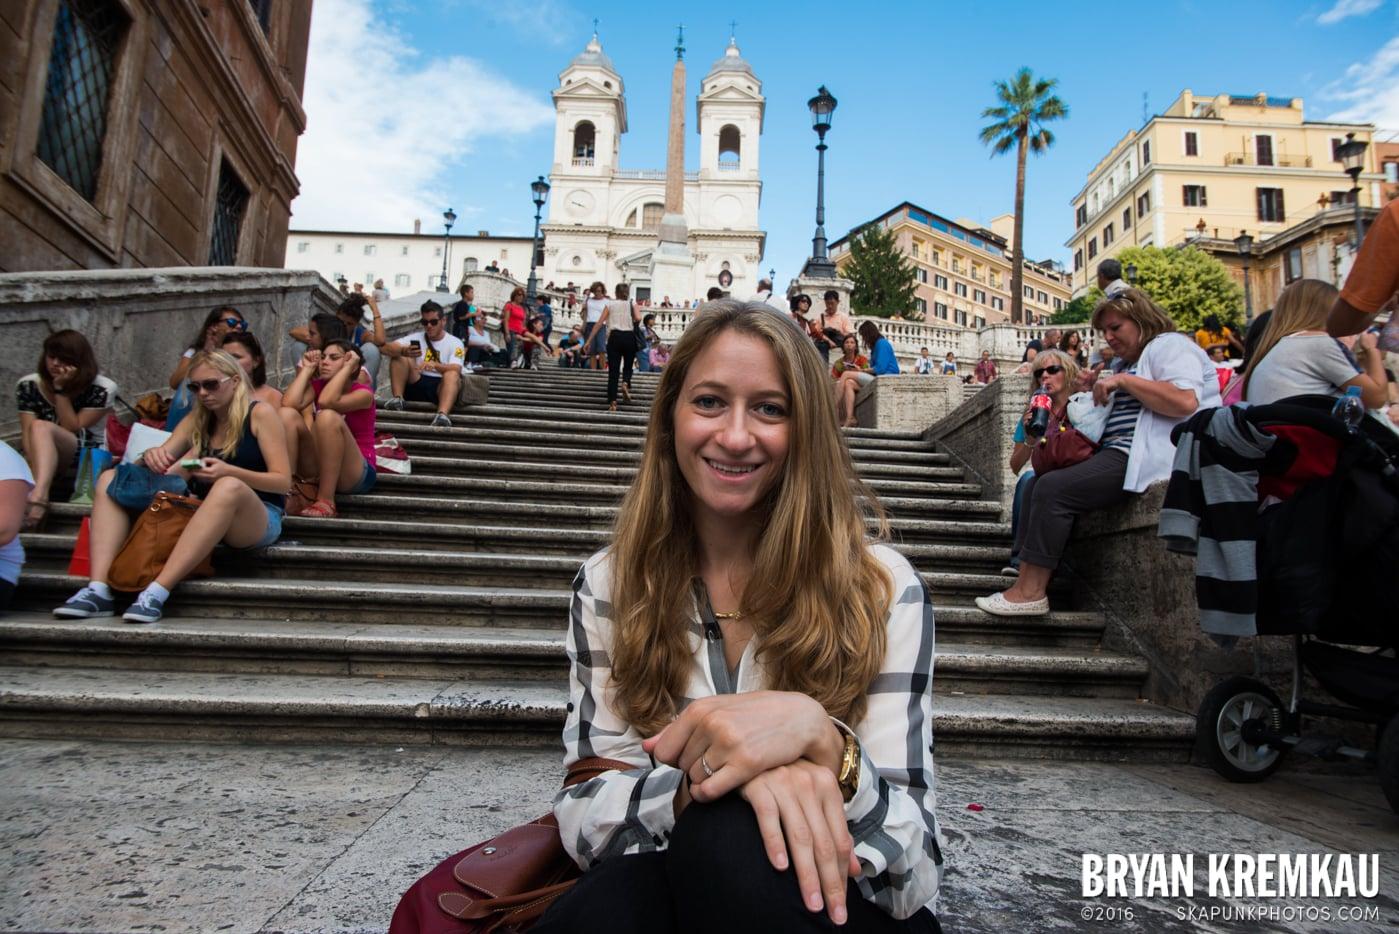 Italy Vacation - Day 3: Rome - 9.11.13 (17)